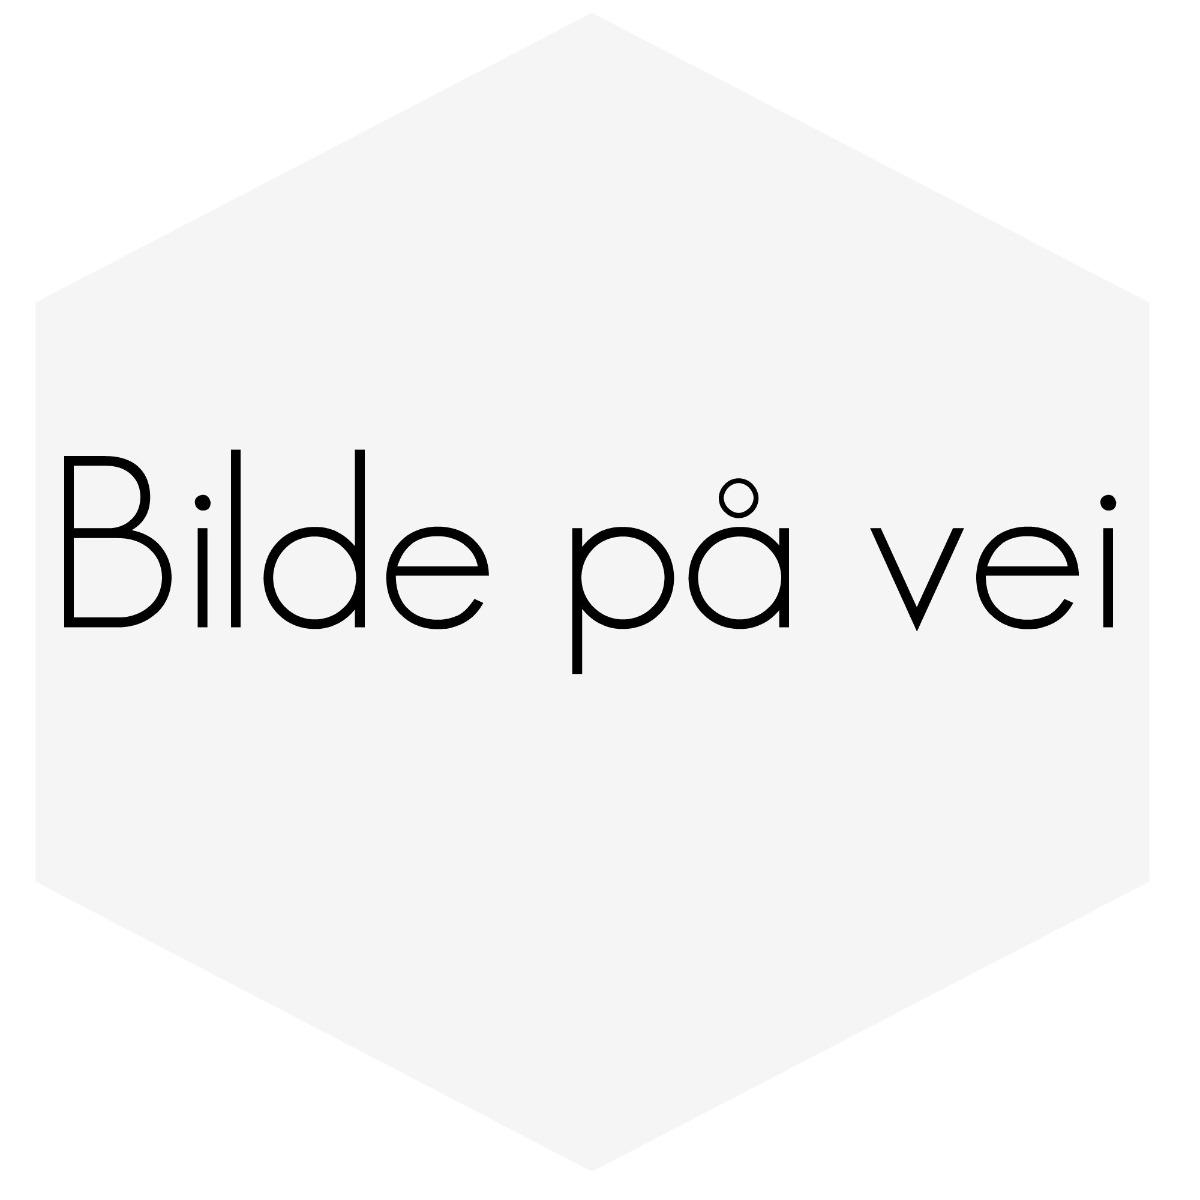 CLUTSH TIL VIFTE PÅ VANNPUMPE VOLVO RØD MOTOR ++